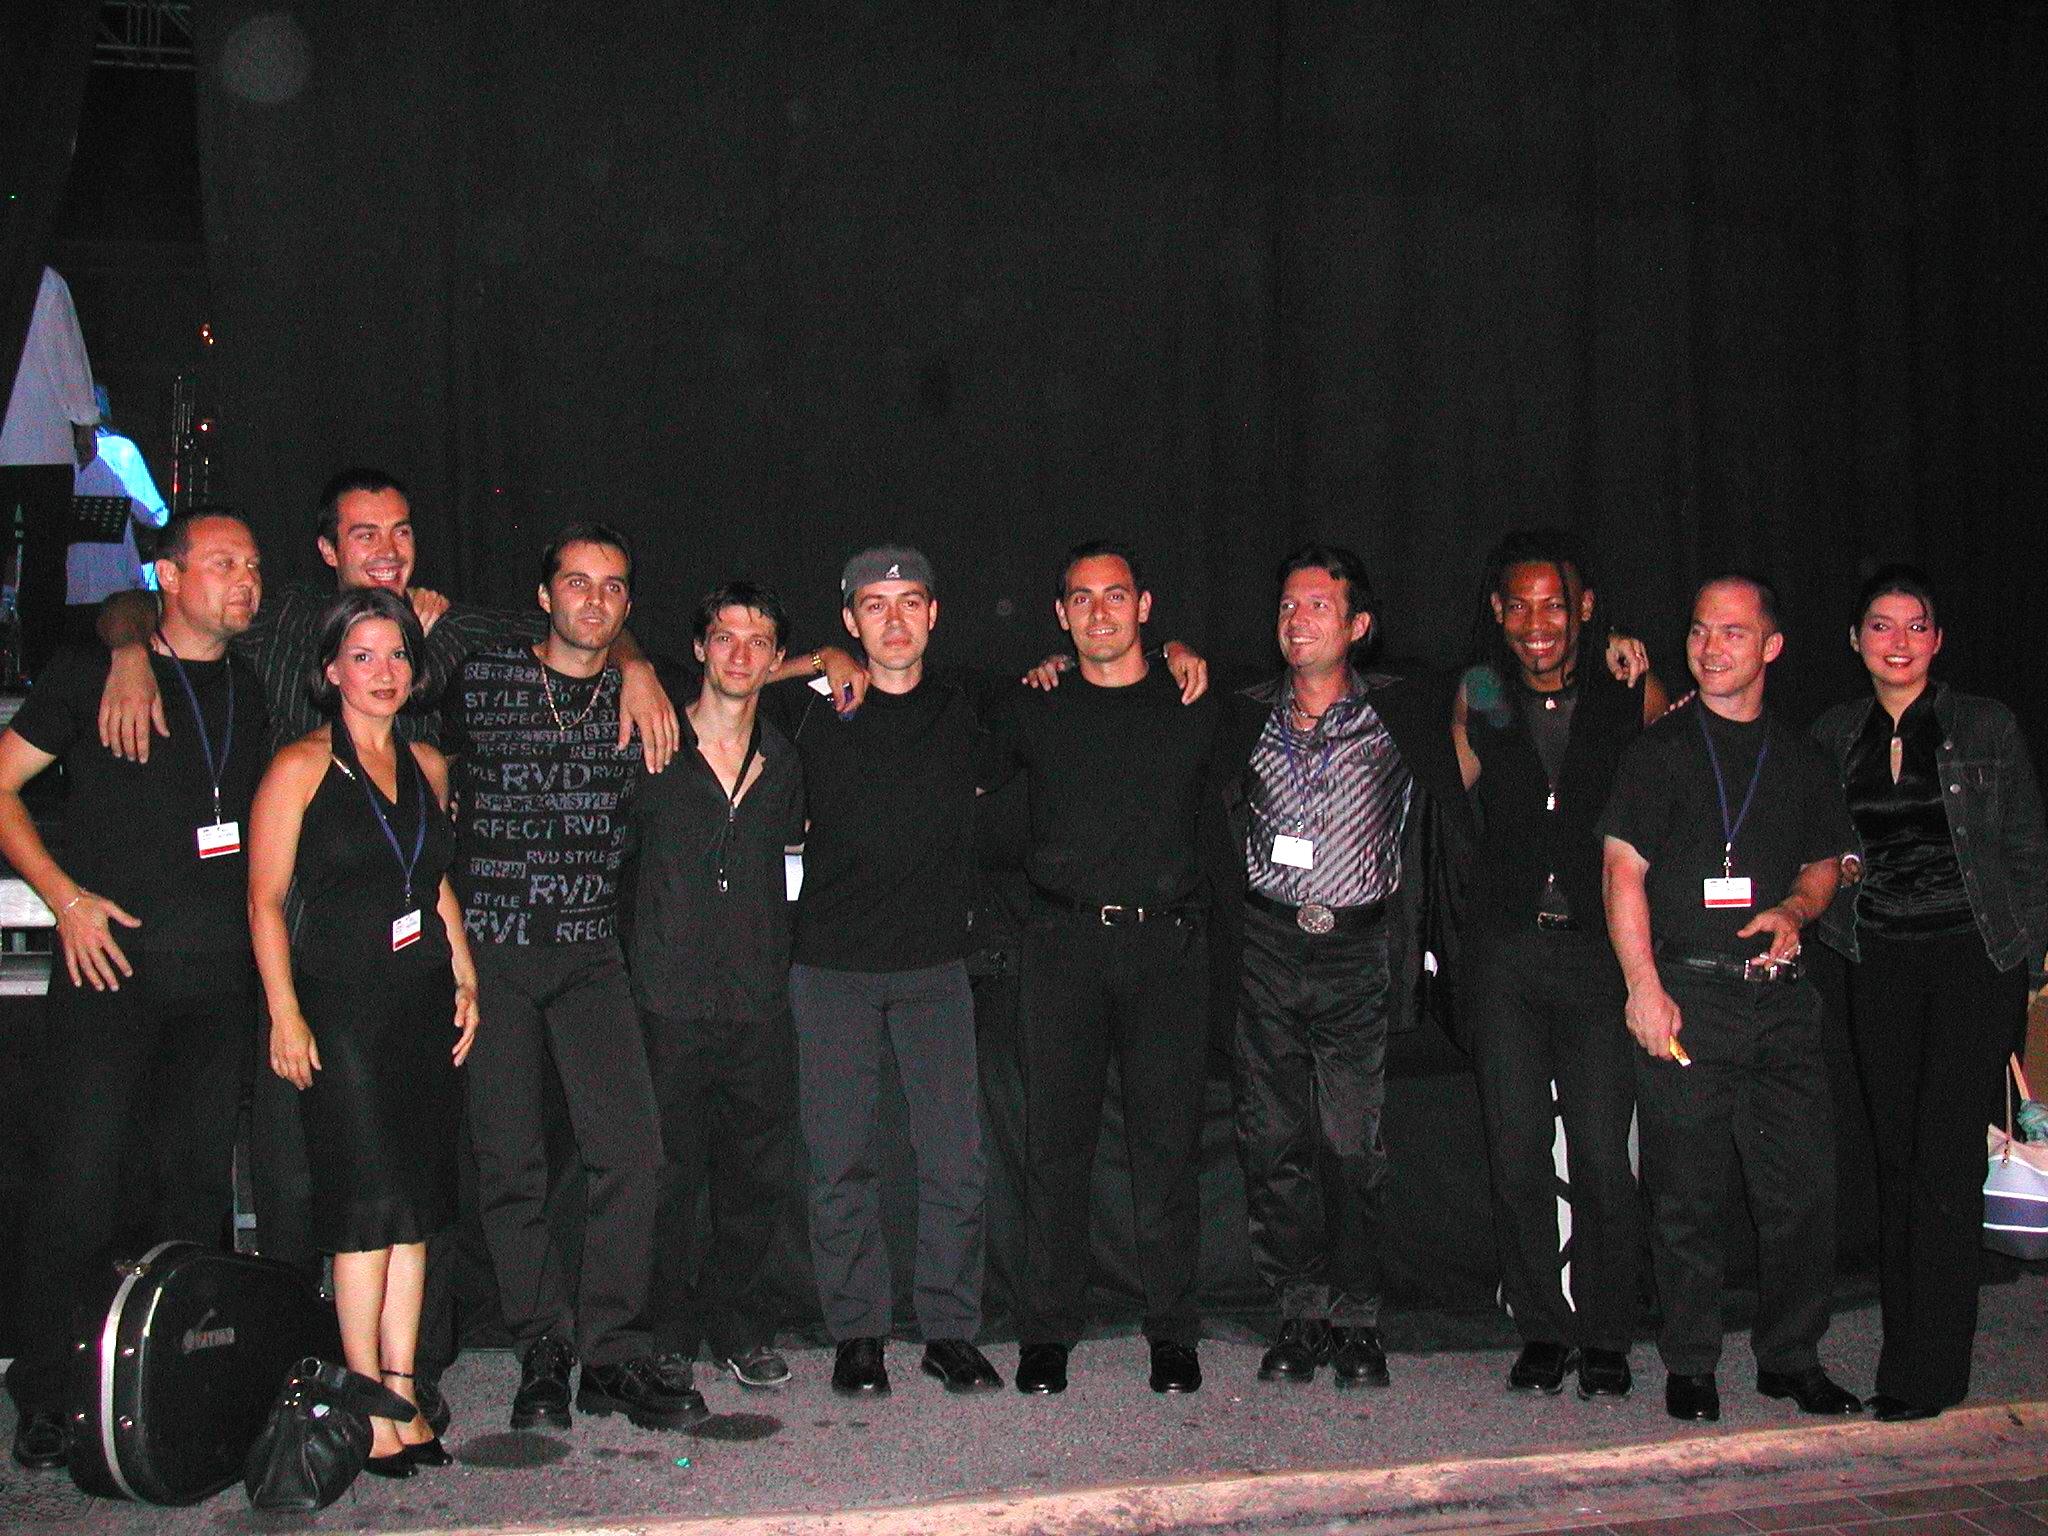 Dave Team